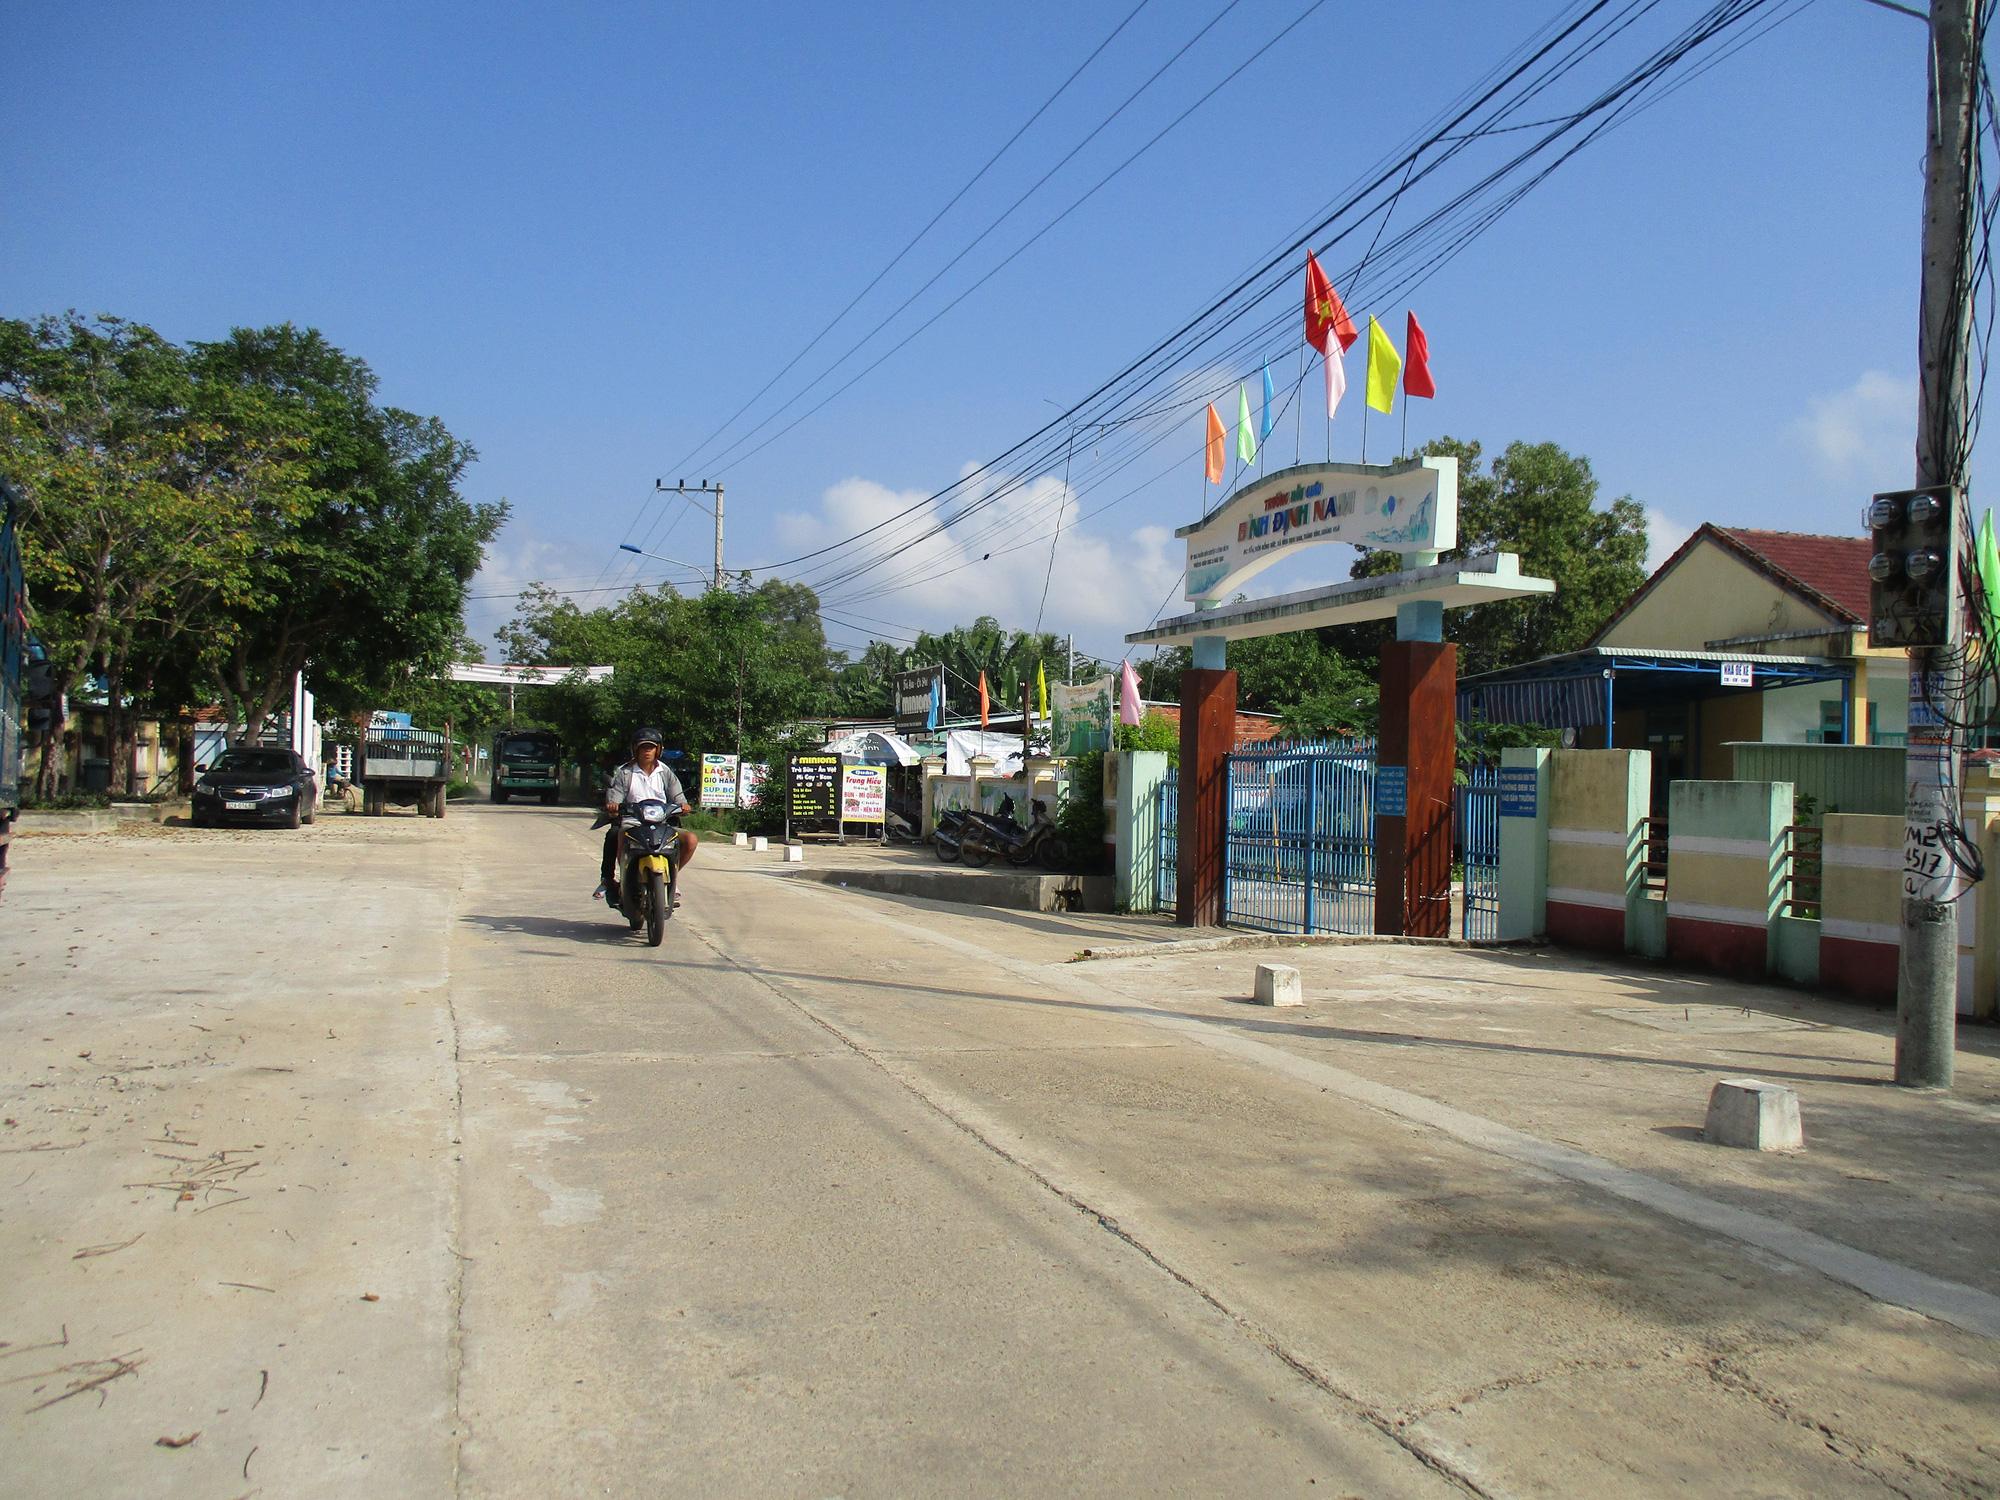 Quảng Nam: Bình Định Nam đi lên từ các mô hình kinh tế - Ảnh 1.